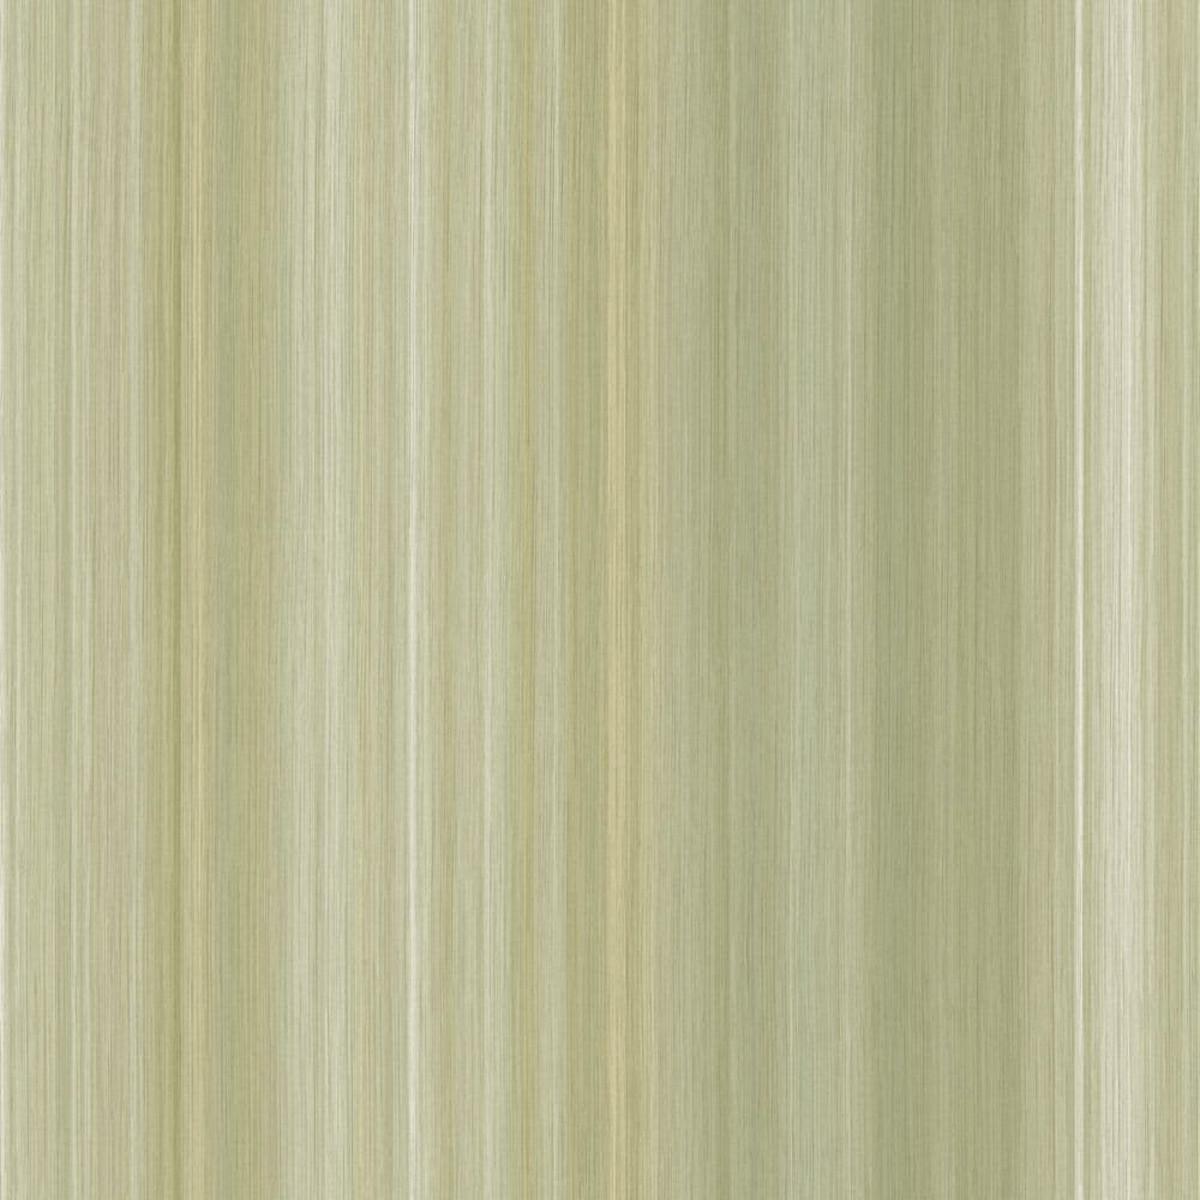 Обои флизелиновые Parato Mirtilla зеленые 0.53 м 5095